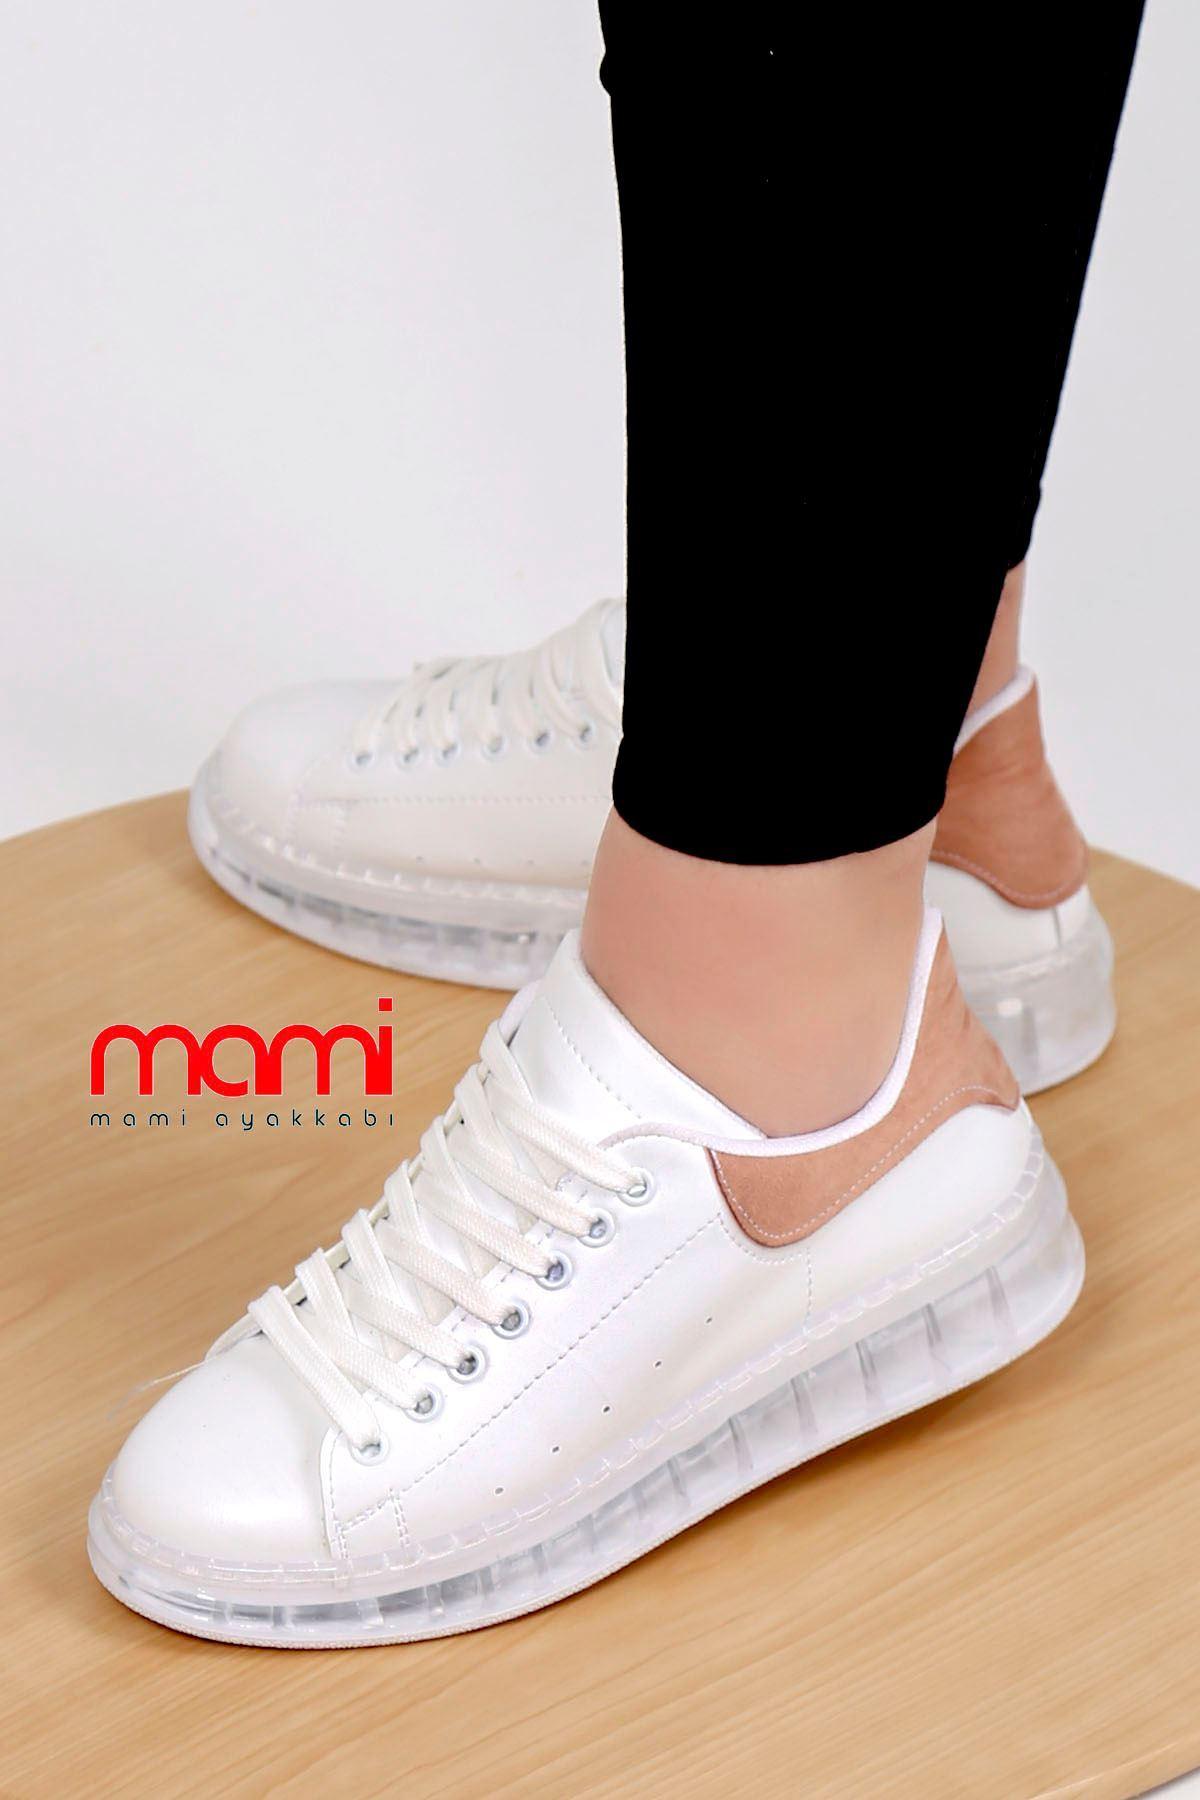 Örn-002 Spor Ayakkabı Beyaz Pudra Jel Taban